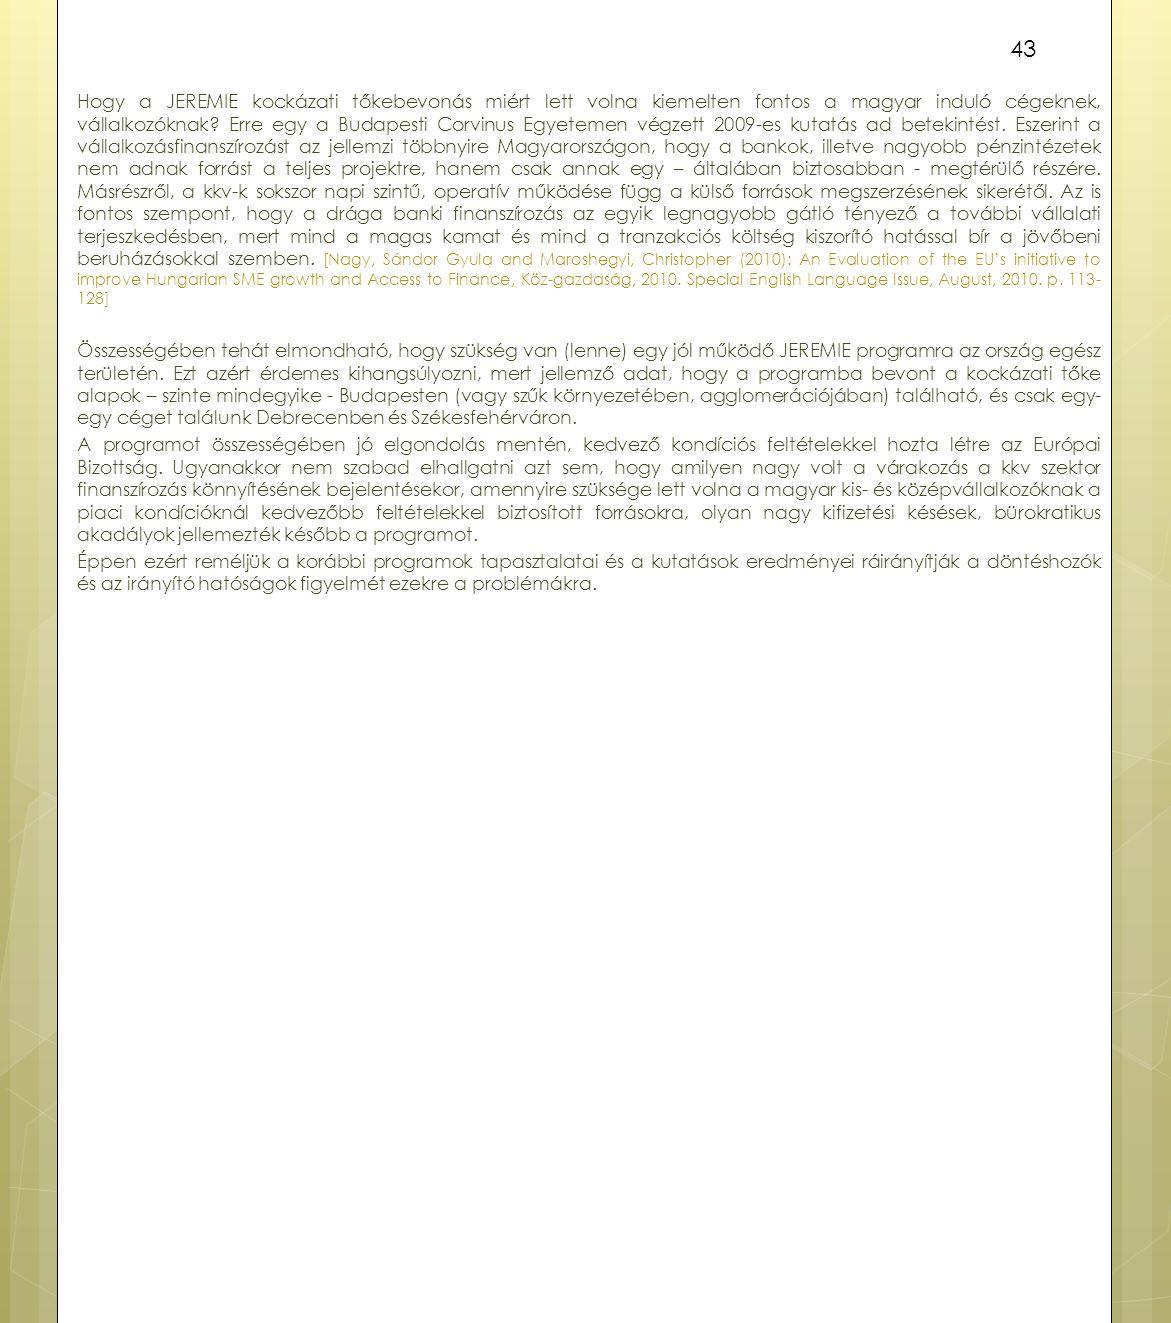 Hogy a JEREMIE kockázati tőkebevonás miért lett volna kiemelten fontos a magyar induló cégeknek, vállalkozóknak.